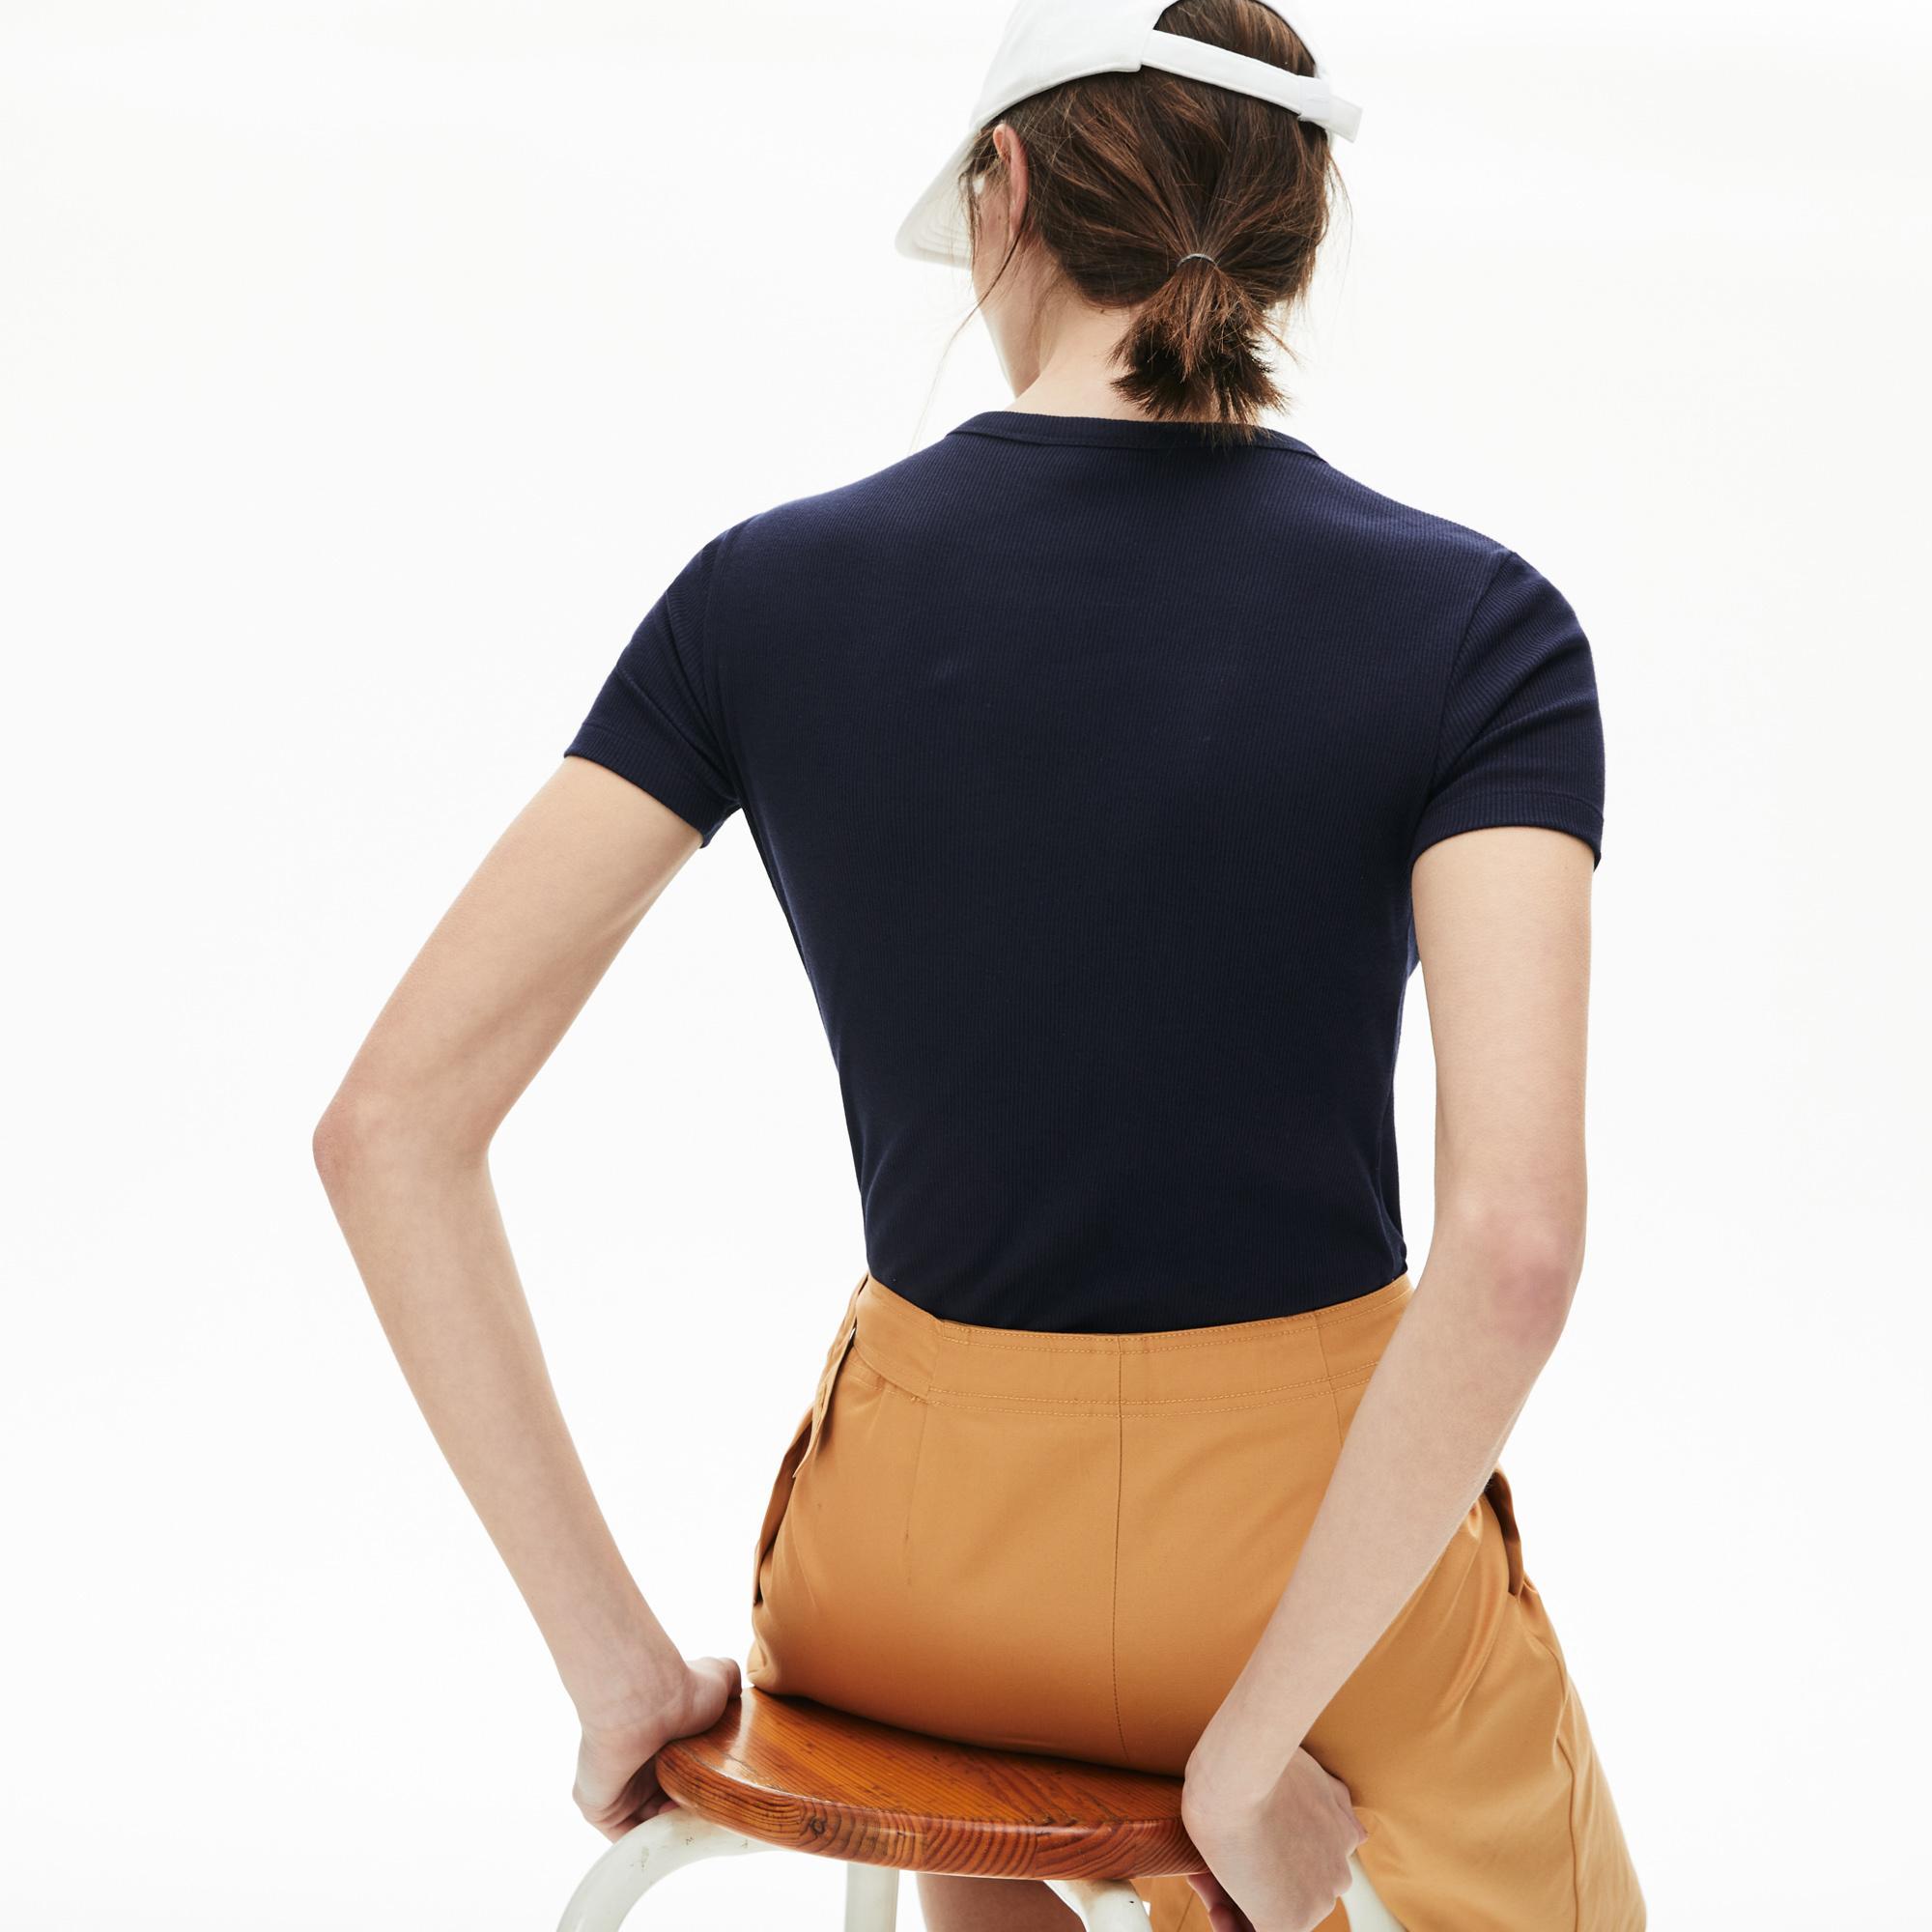 Lacoste Women's Soft Cotton Crew Neck T-Shirt